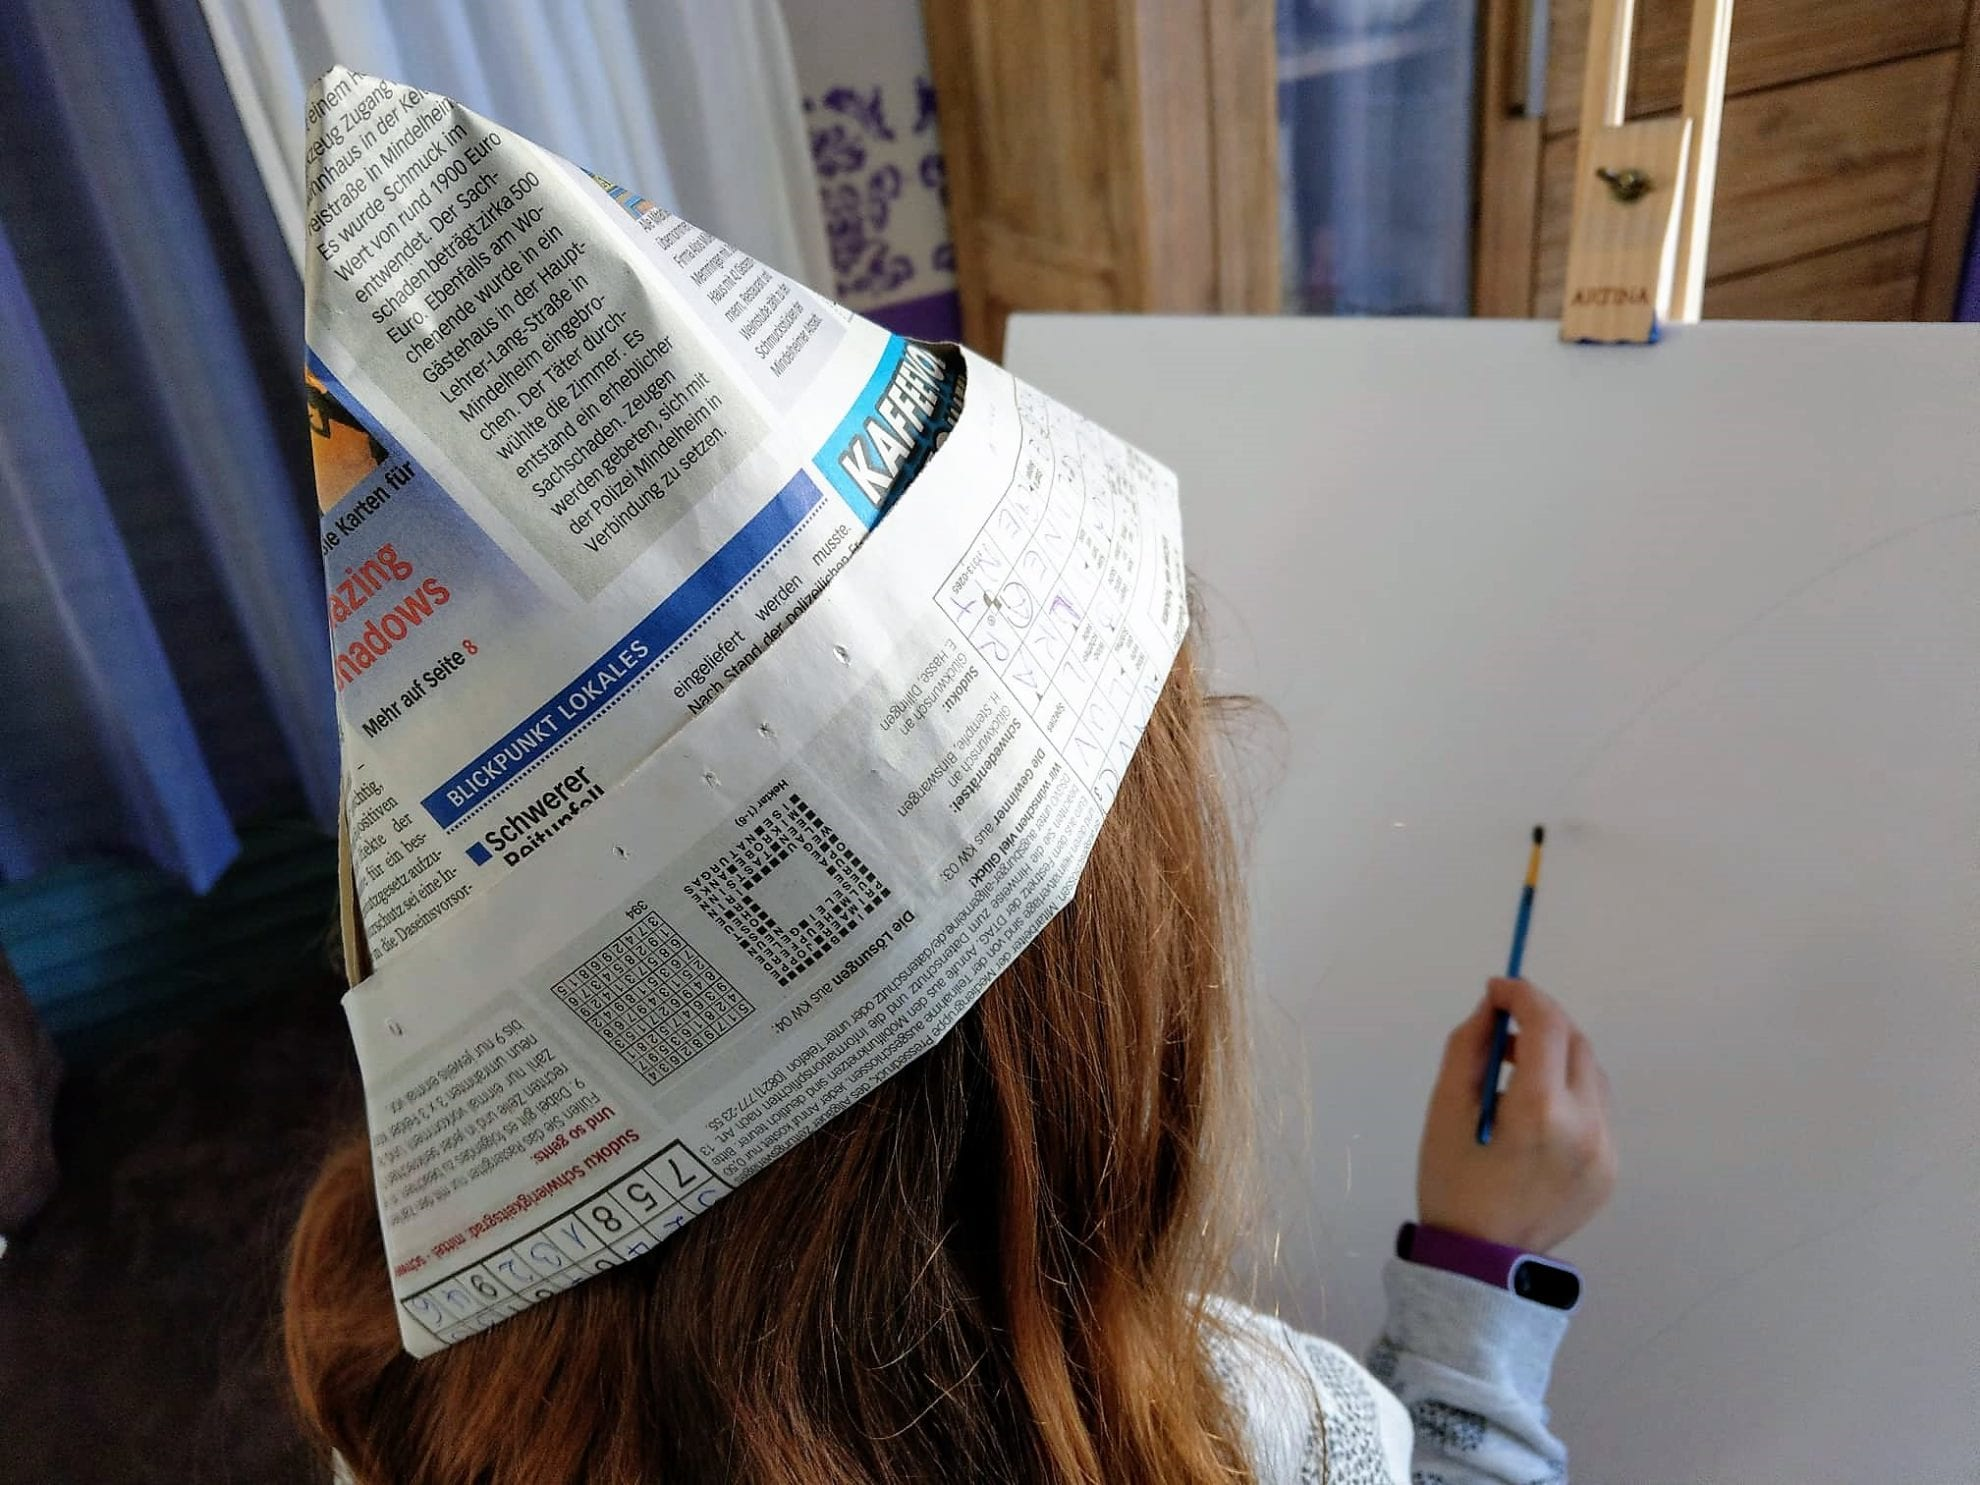 Faltanleitung für Hut und Schiffchen aus Zeitungspapier. Die perfekte Beschäftigung für Regentage ohne exotische Dinge. Eine Bastelanleitung